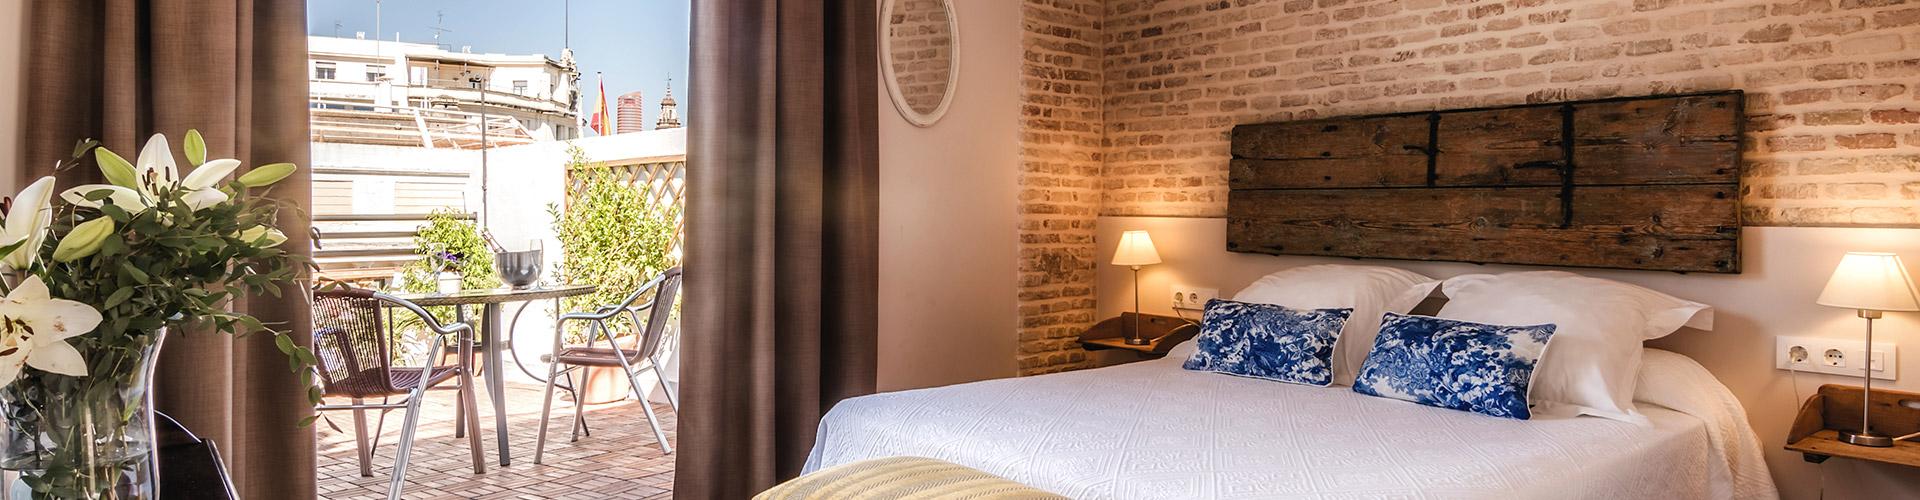 Hotel Casa De Colón Hoteles Con Encanto En Sevilla